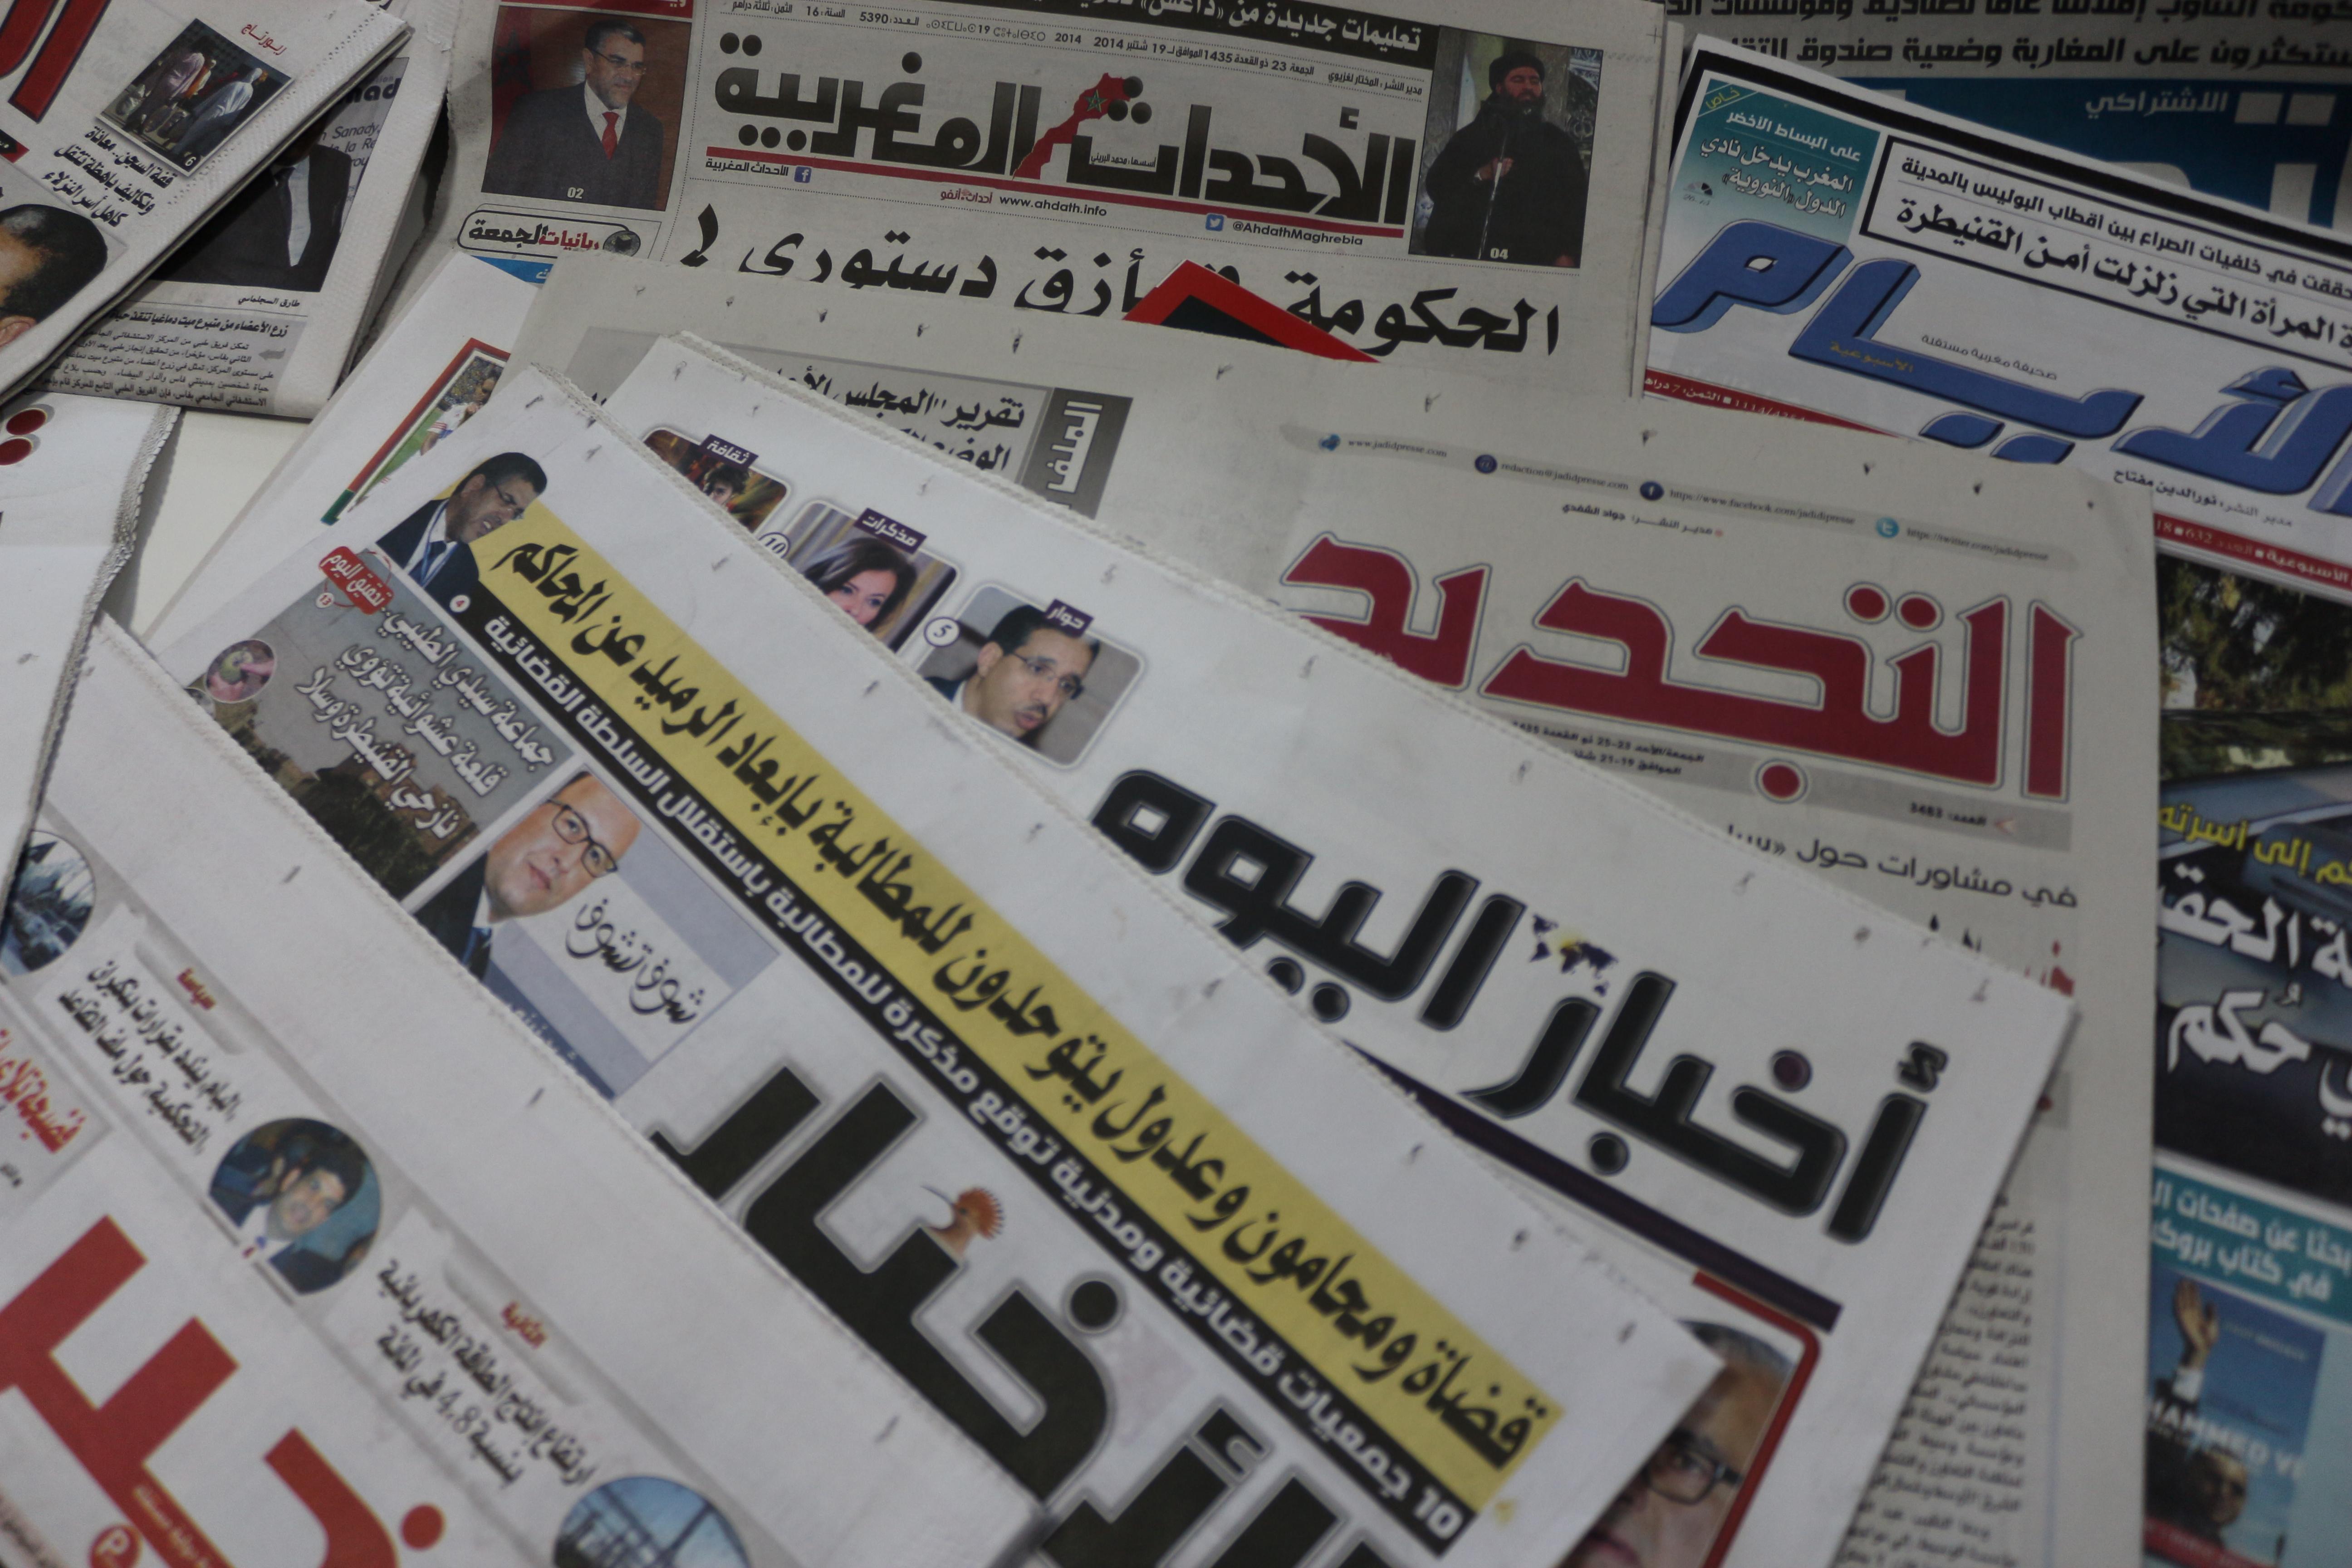 مرصد تونسي بتمويل دانماركي يتهم صحفا مغربية بالتحريض على القتل